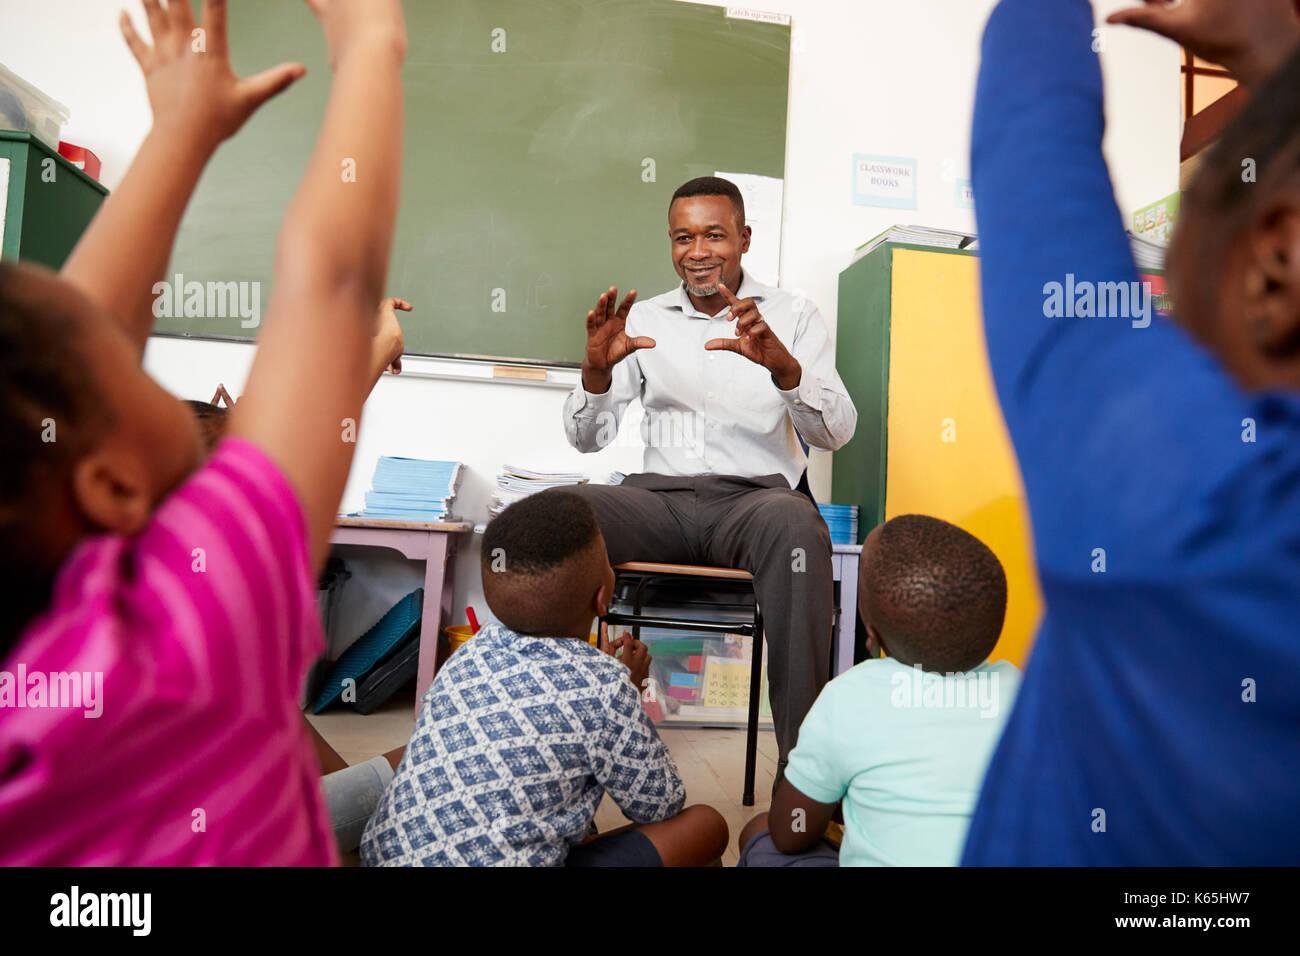 Les enfants de l'école élémentaire à l'écoute de l'enseignant Photo Stock